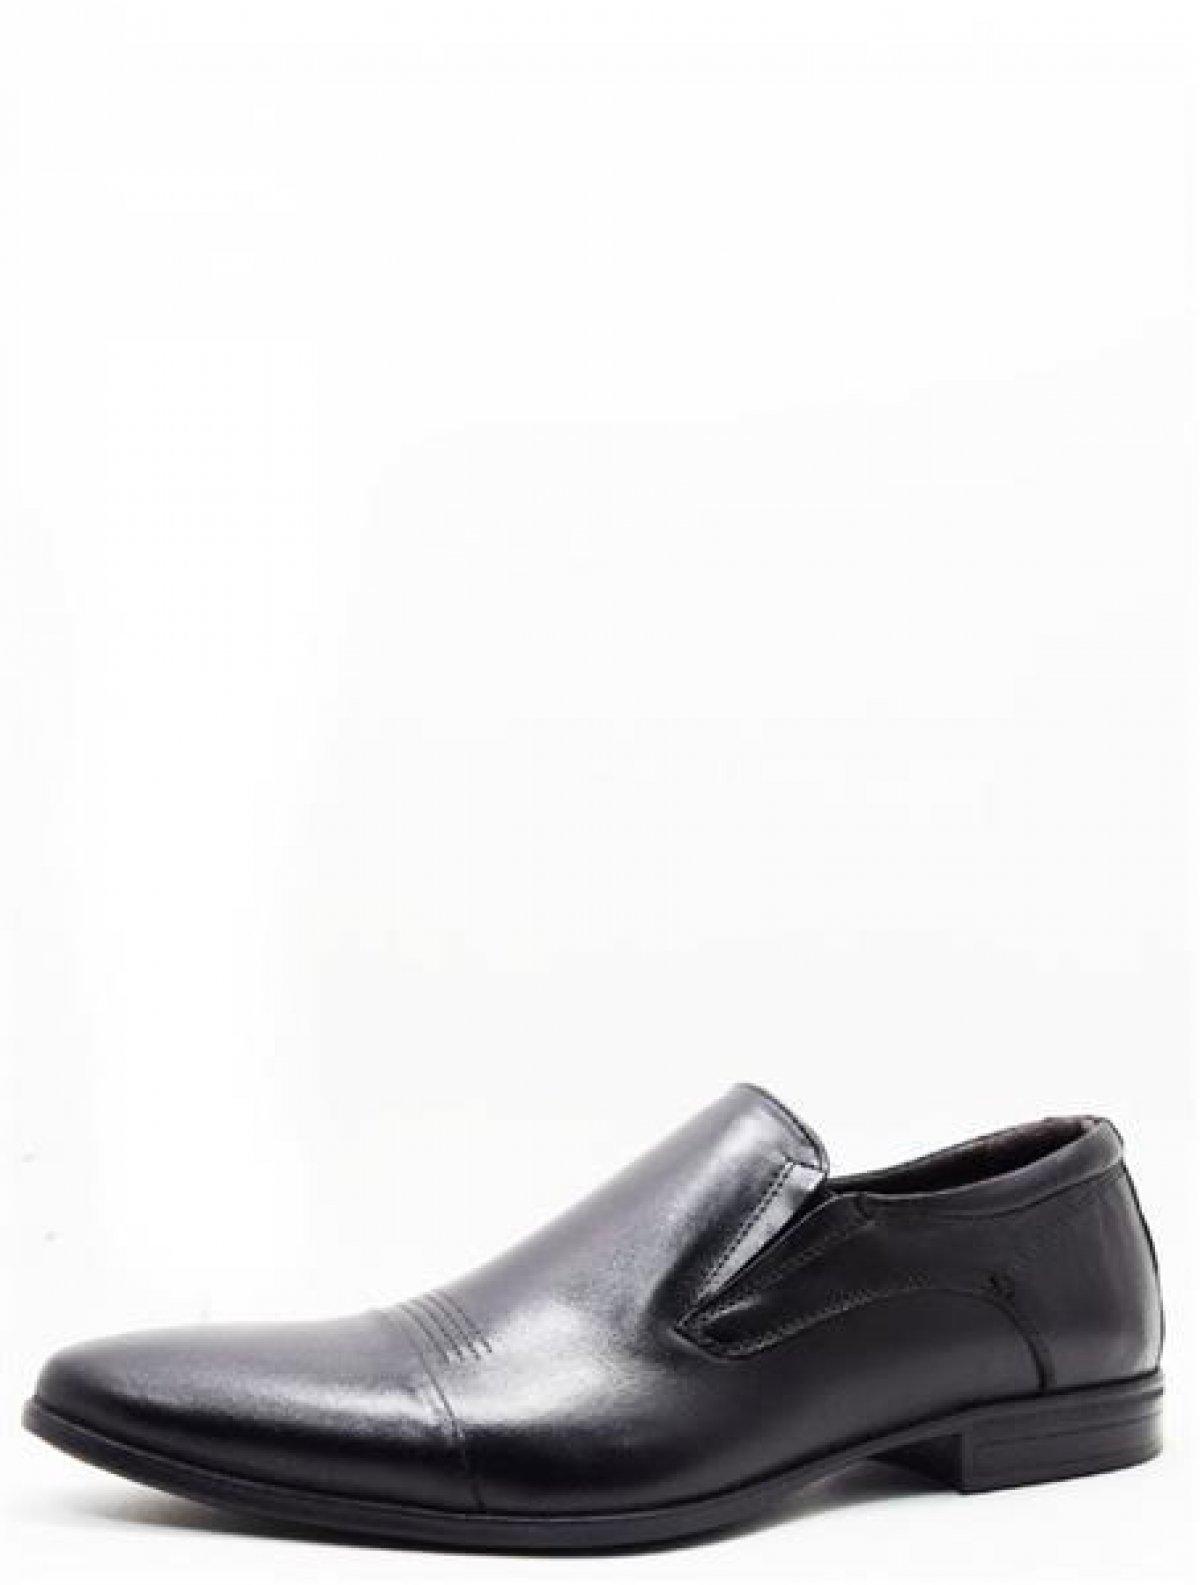 EDERRO 1043475 мужские туфли